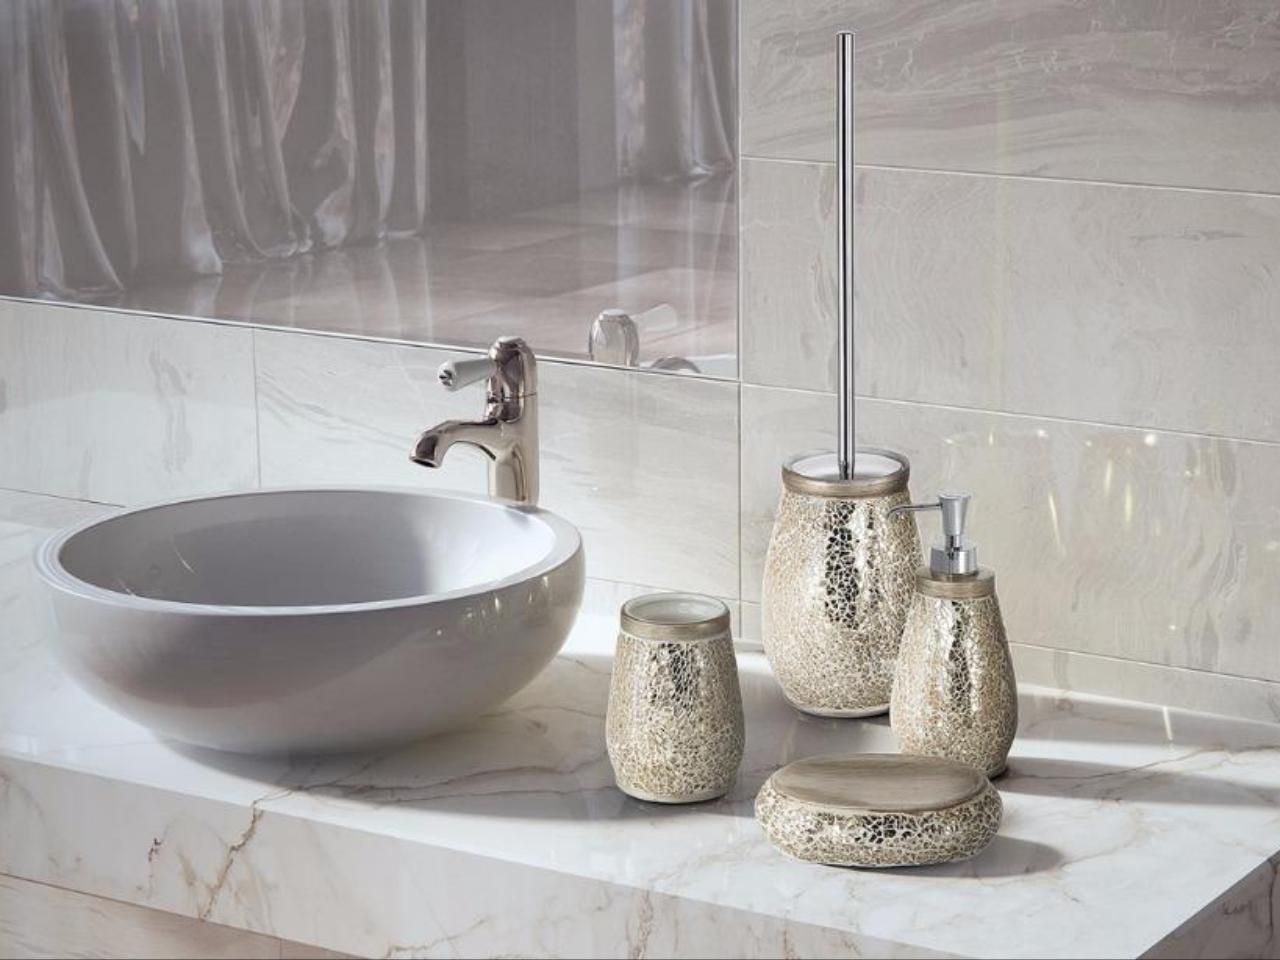 Bagnoidea prodotti e tendenze per arredare il bagno for Accessori per bagno